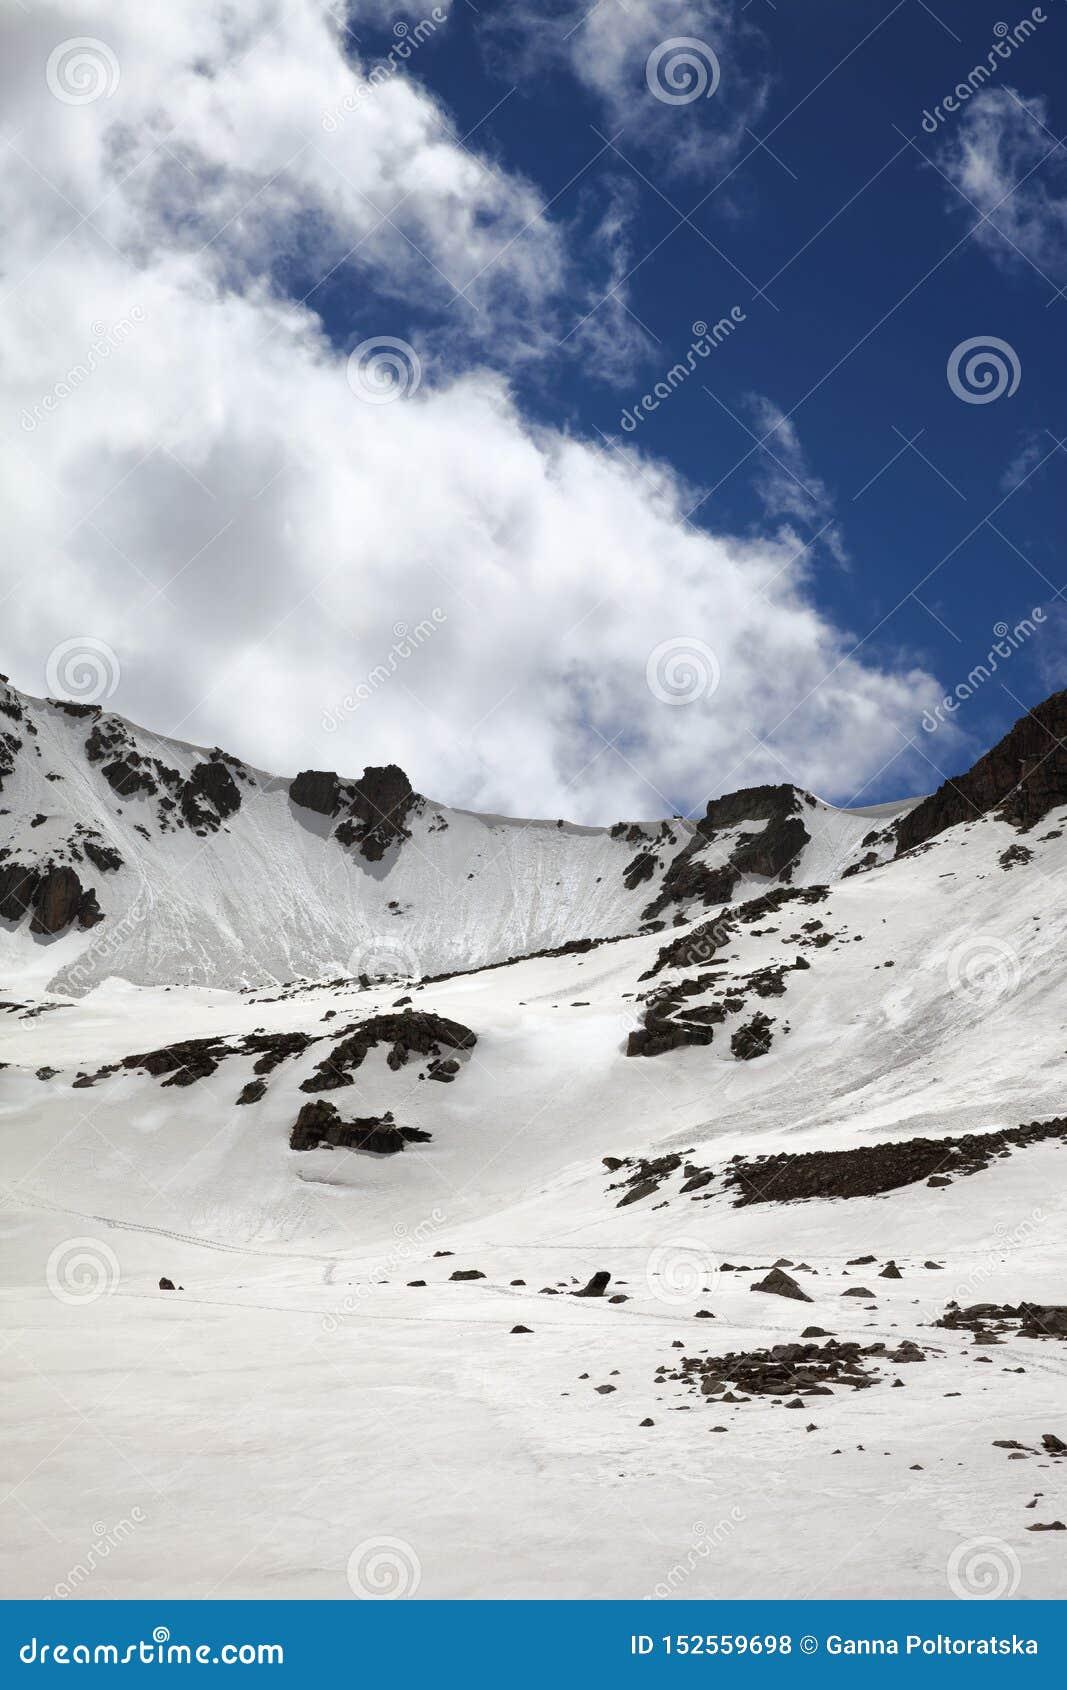 Passage de montagne ensoleillé avec la corniche de neige et le ciel nuageux bleu